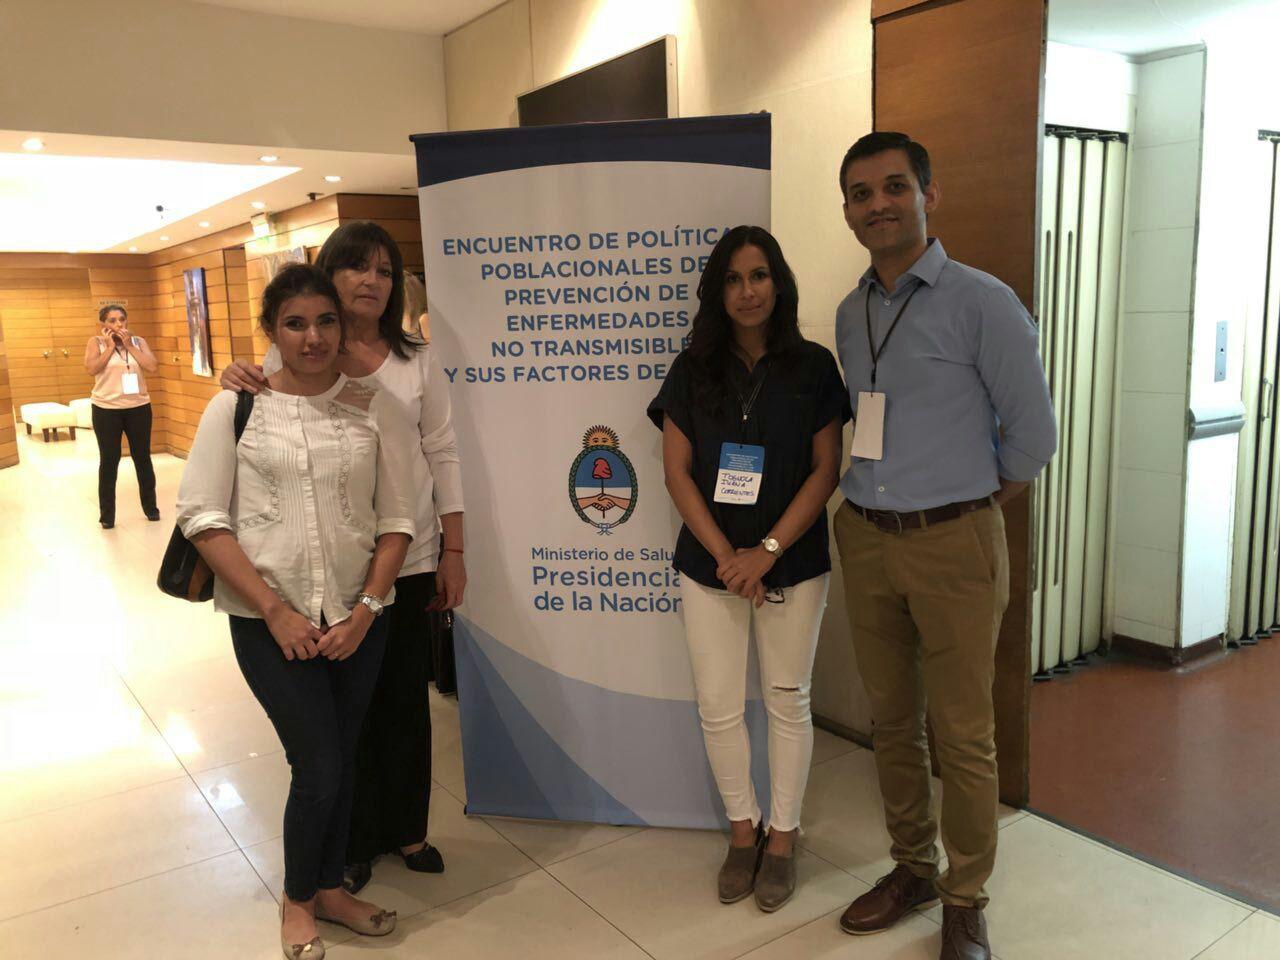 Corrientes participó del Encuentro de Políticas Poblacionales